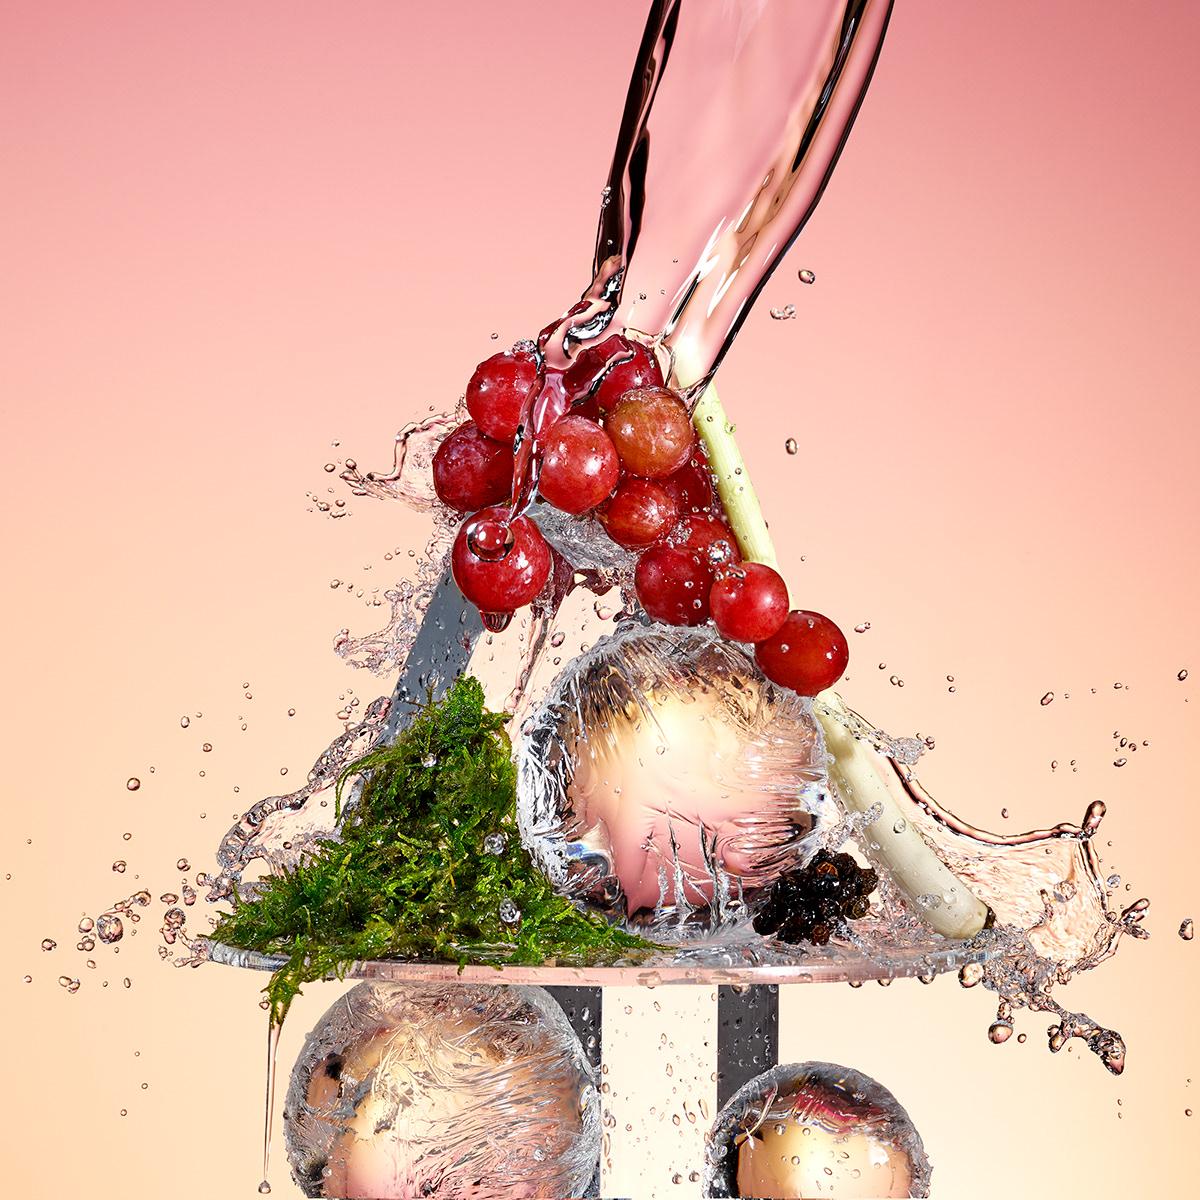 Los intensos colores y la frescura de las fotografías son el sello de esta serie promocional.